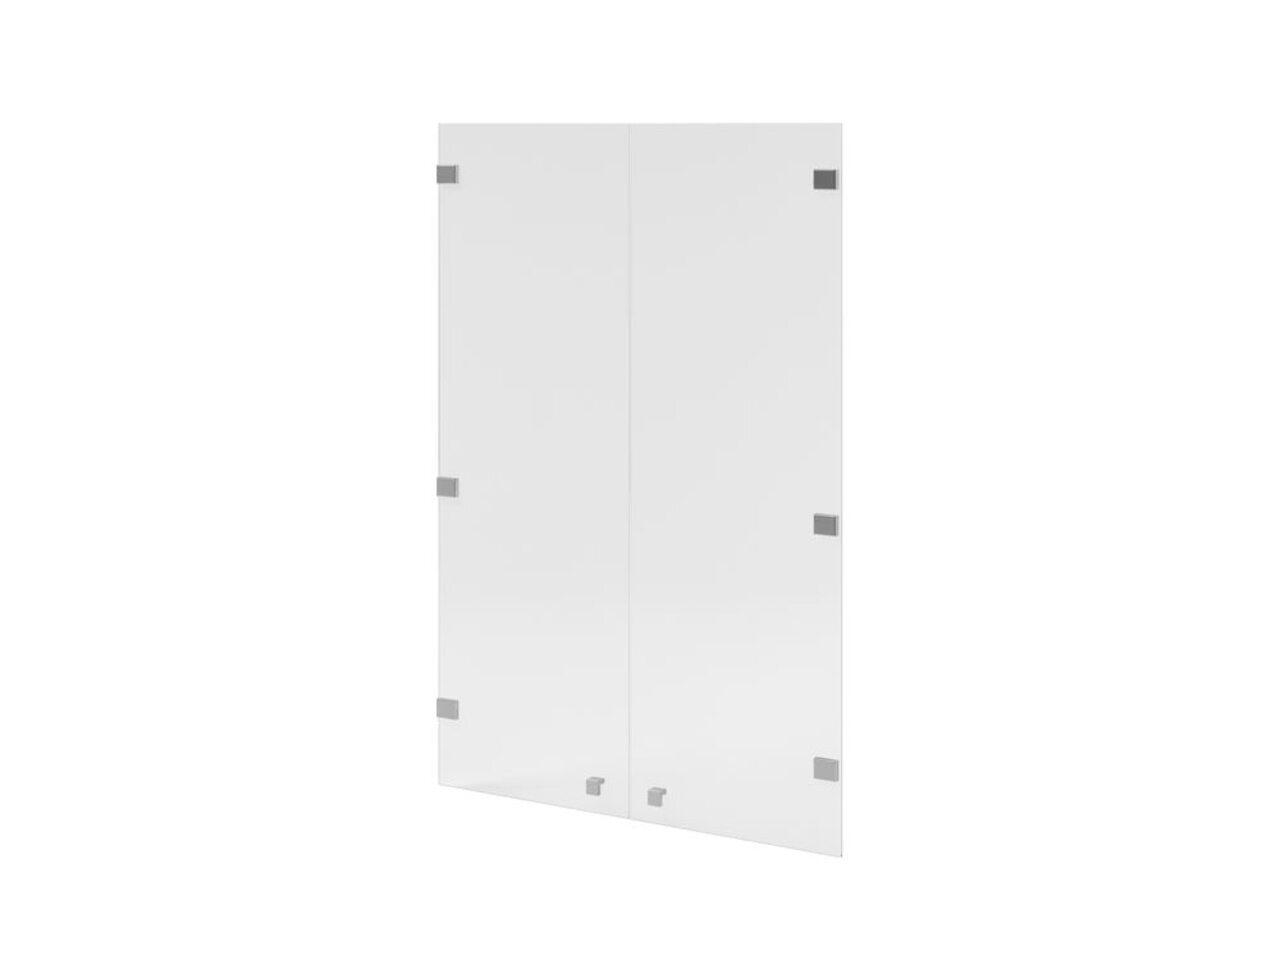 Двери средние с матовым белым стеклом  Space 79x1x115 - фото 1